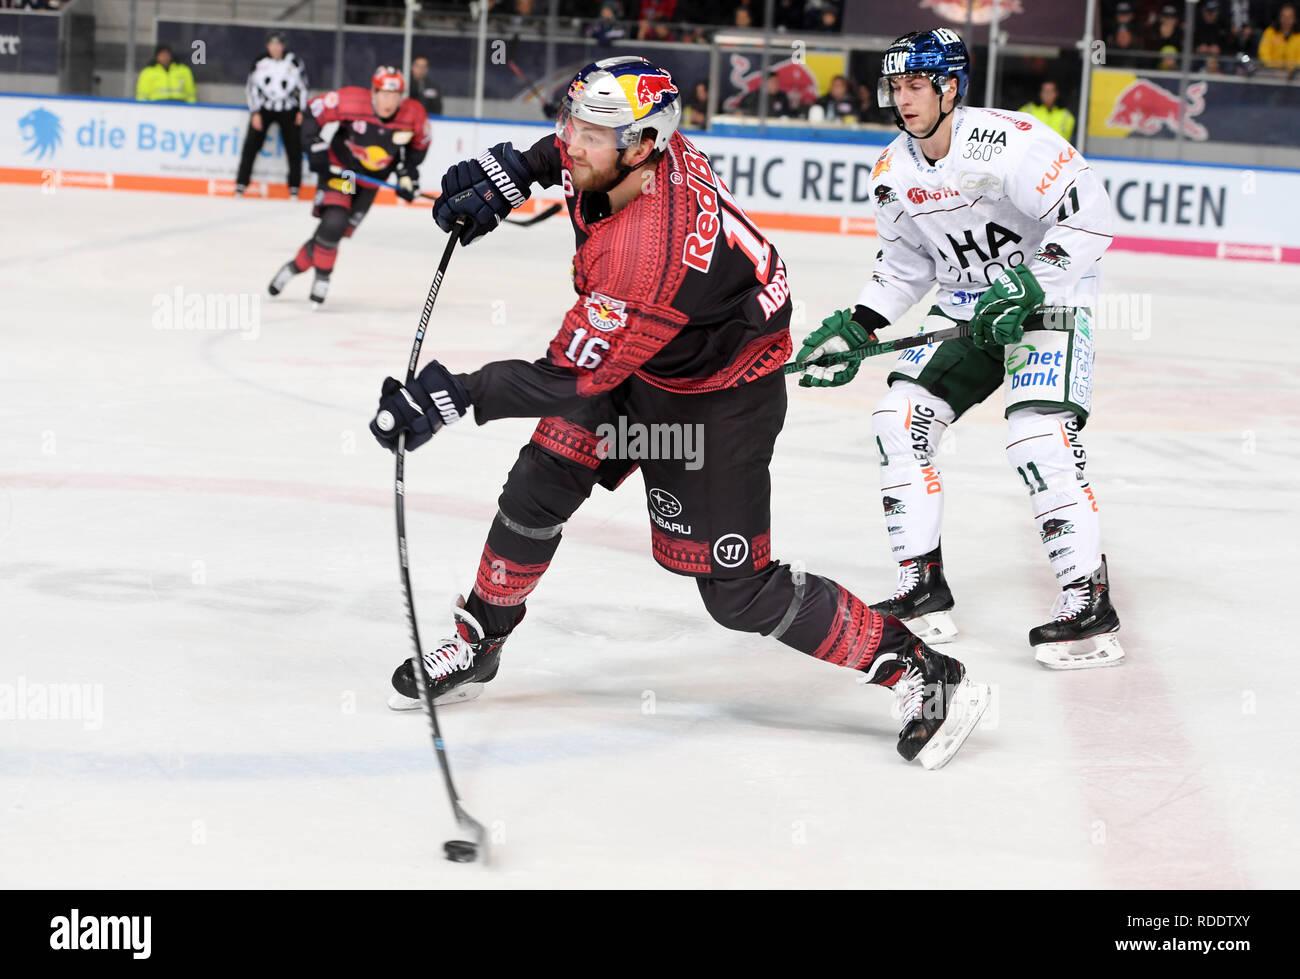 El 18 de enero de 2019, Baviera, München:: del hockey sobre hielo, EHC Munich - Red Bull Augsburger Panther, Ronda principal, 40ª jornada en el Centro Deportivo Olímpico de Hielo en Munich. Konrad Abeltshauser (l) de Munich y Adam Payerl de Augsburgo lucha por el puck. Foto: Tobias Hase/dpa Imagen De Stock